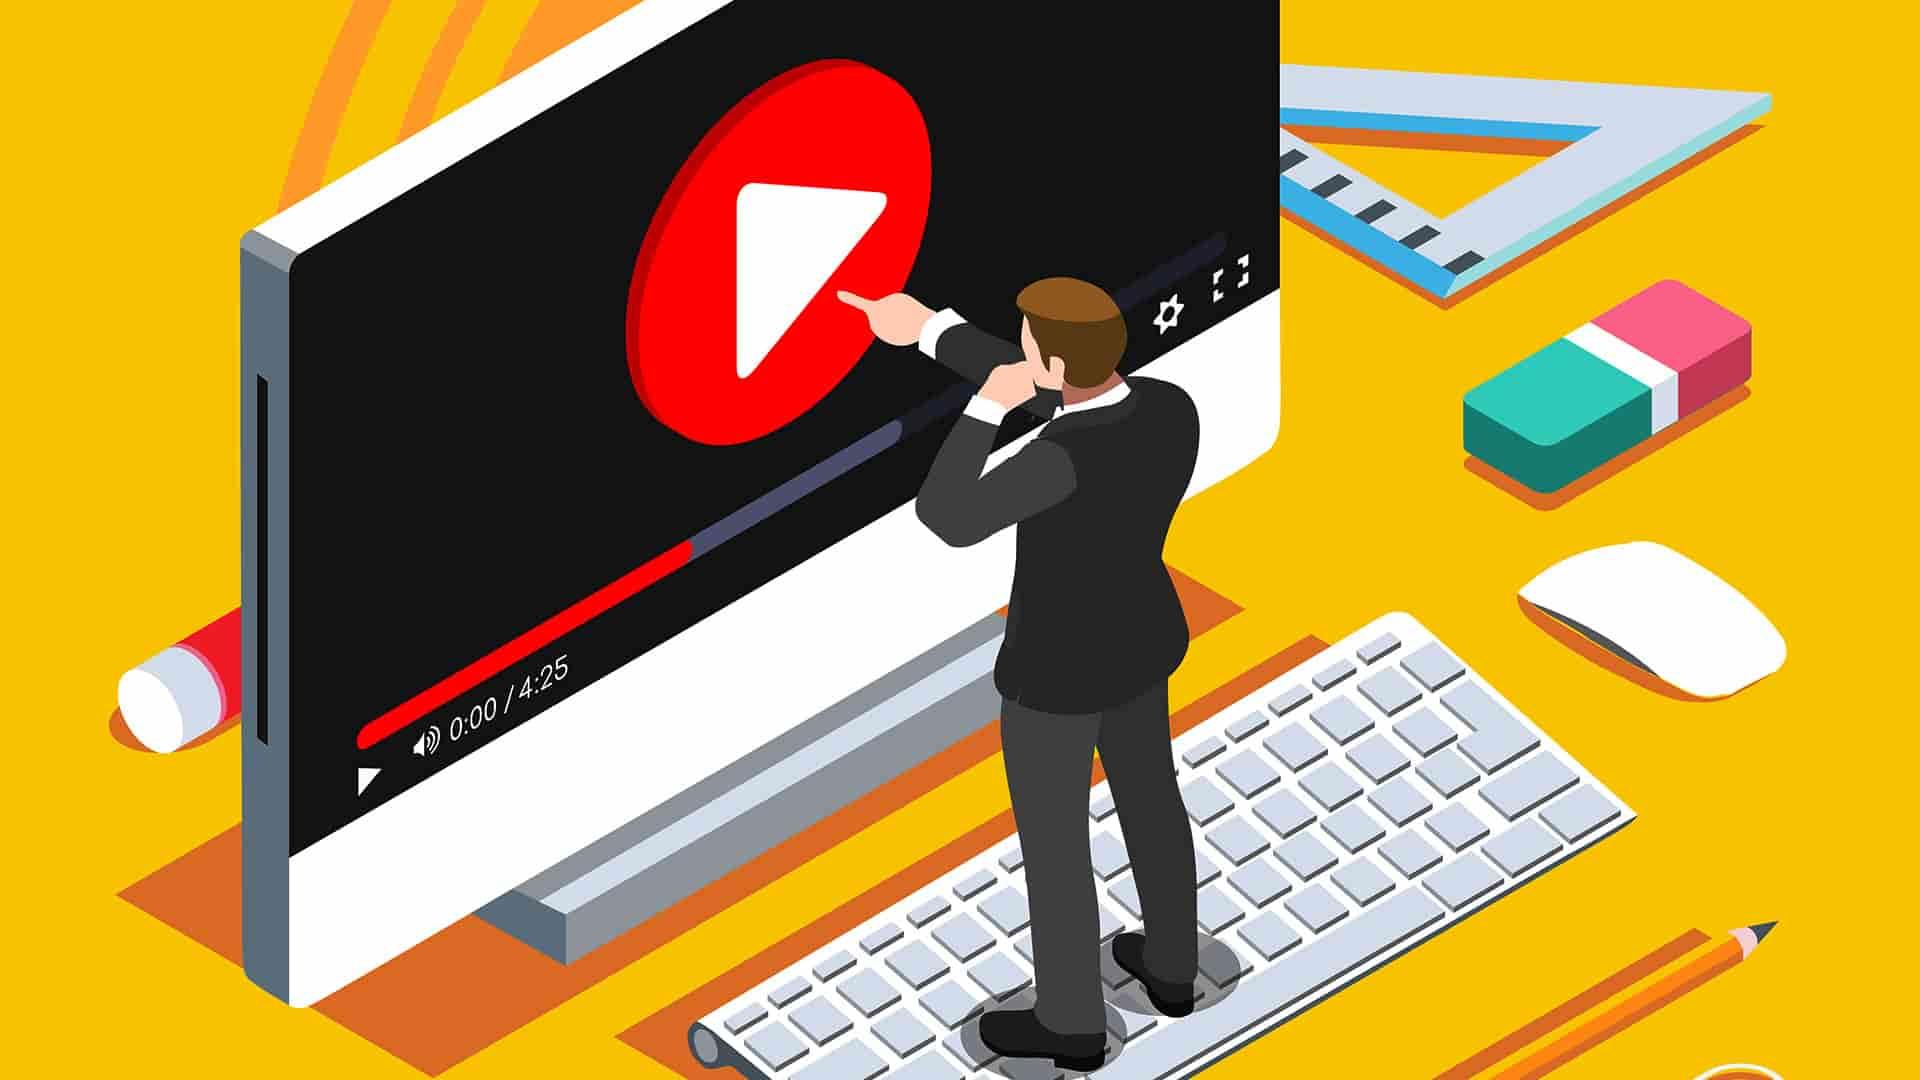 تبلیغات درون برنامه ای ویدئویی